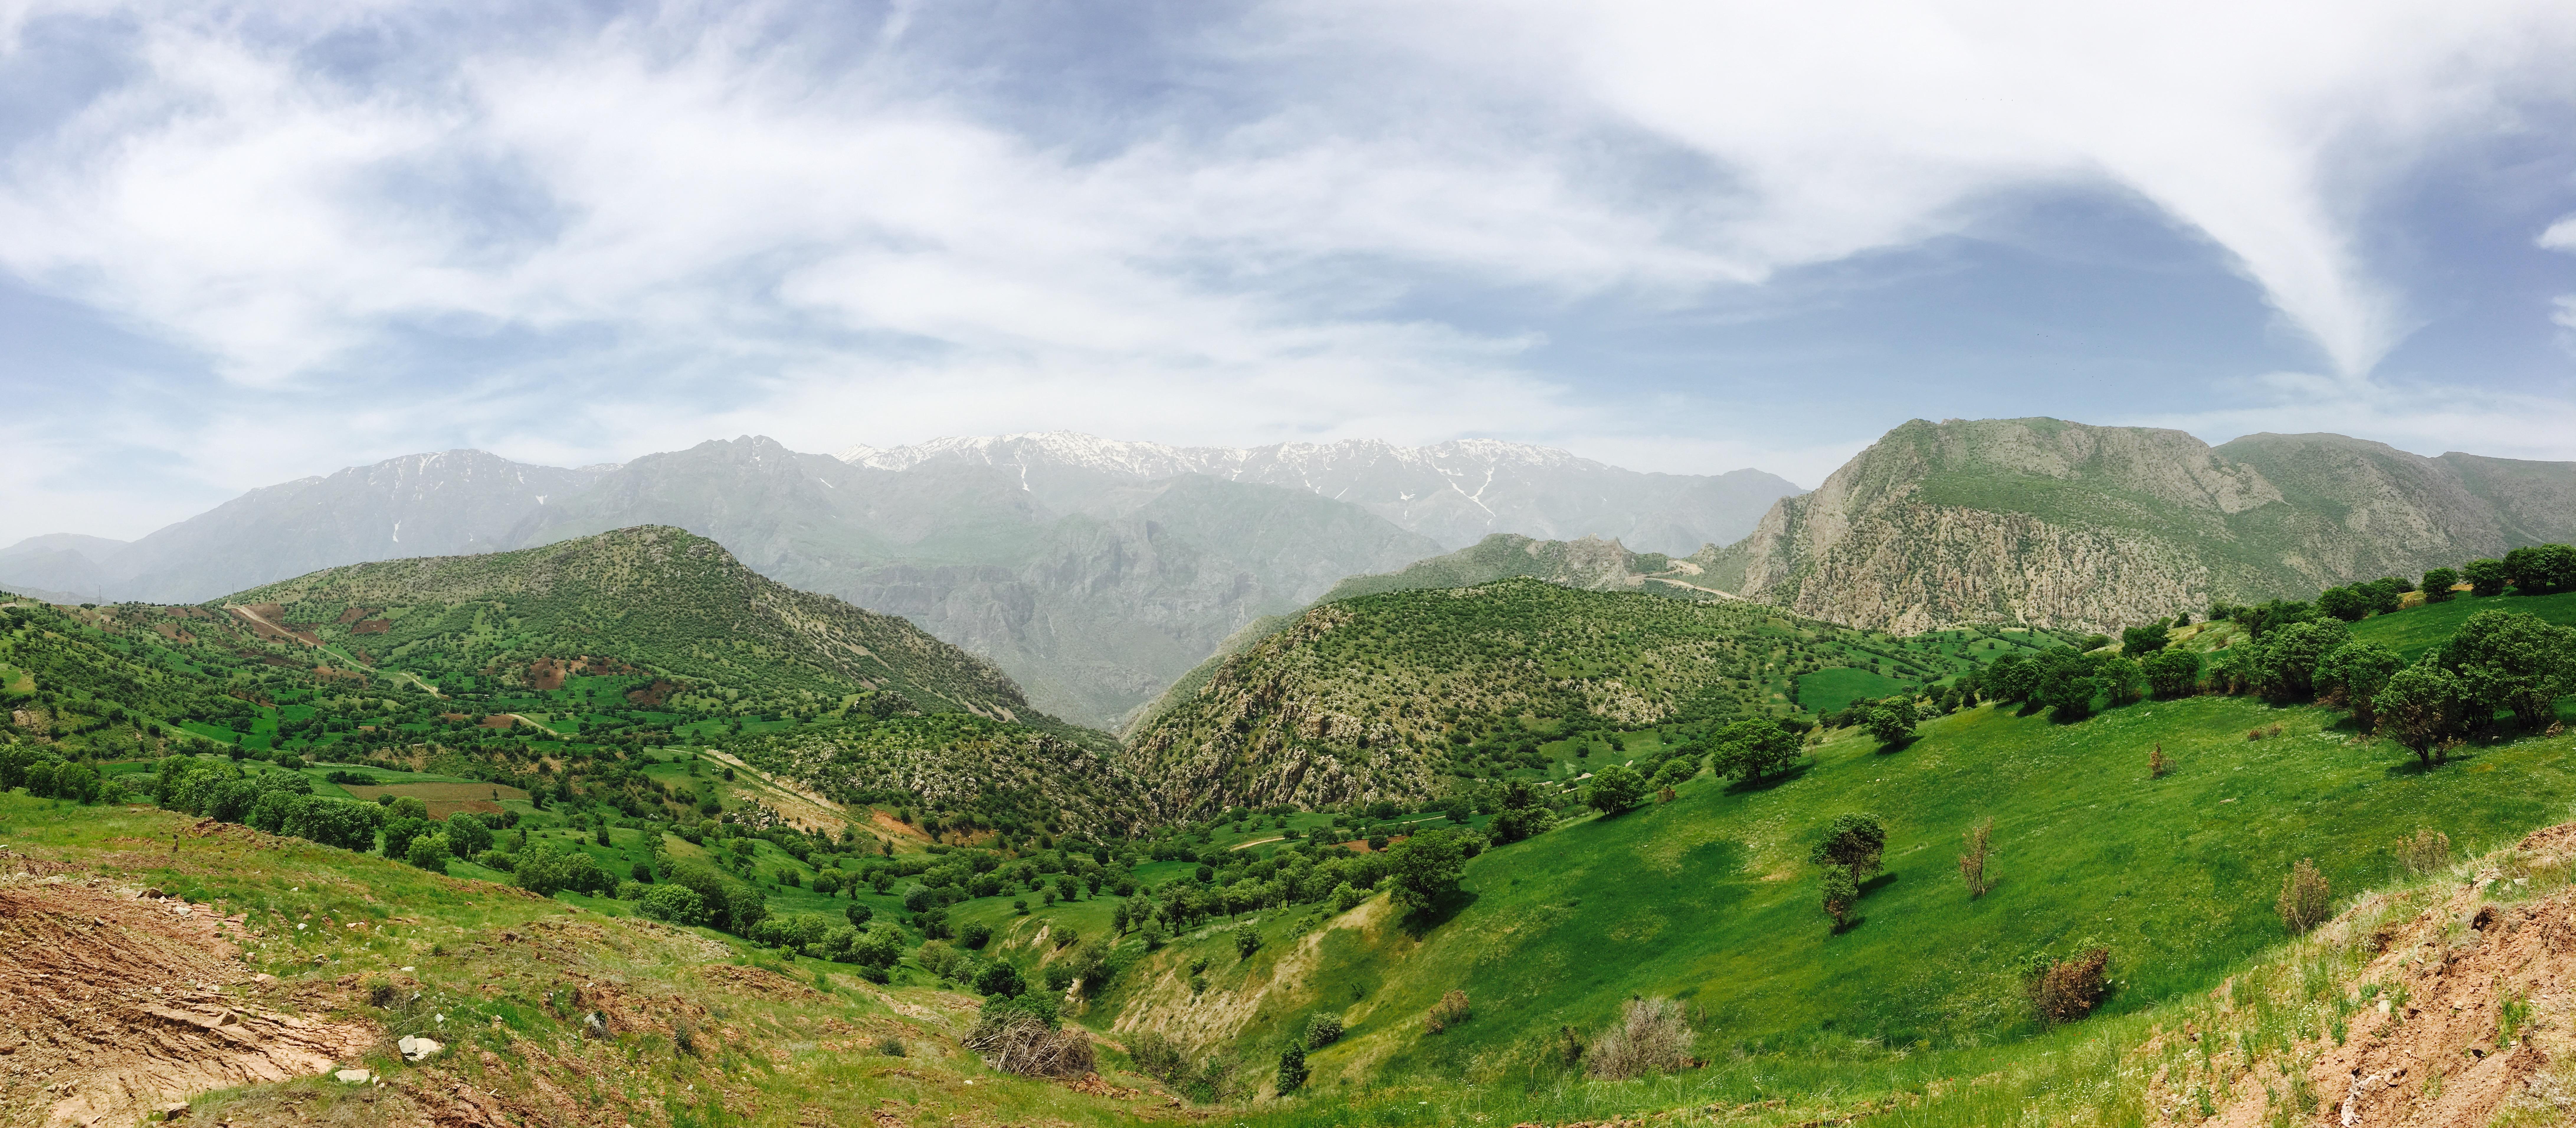 Zelená krajina kolem severního Teheránu